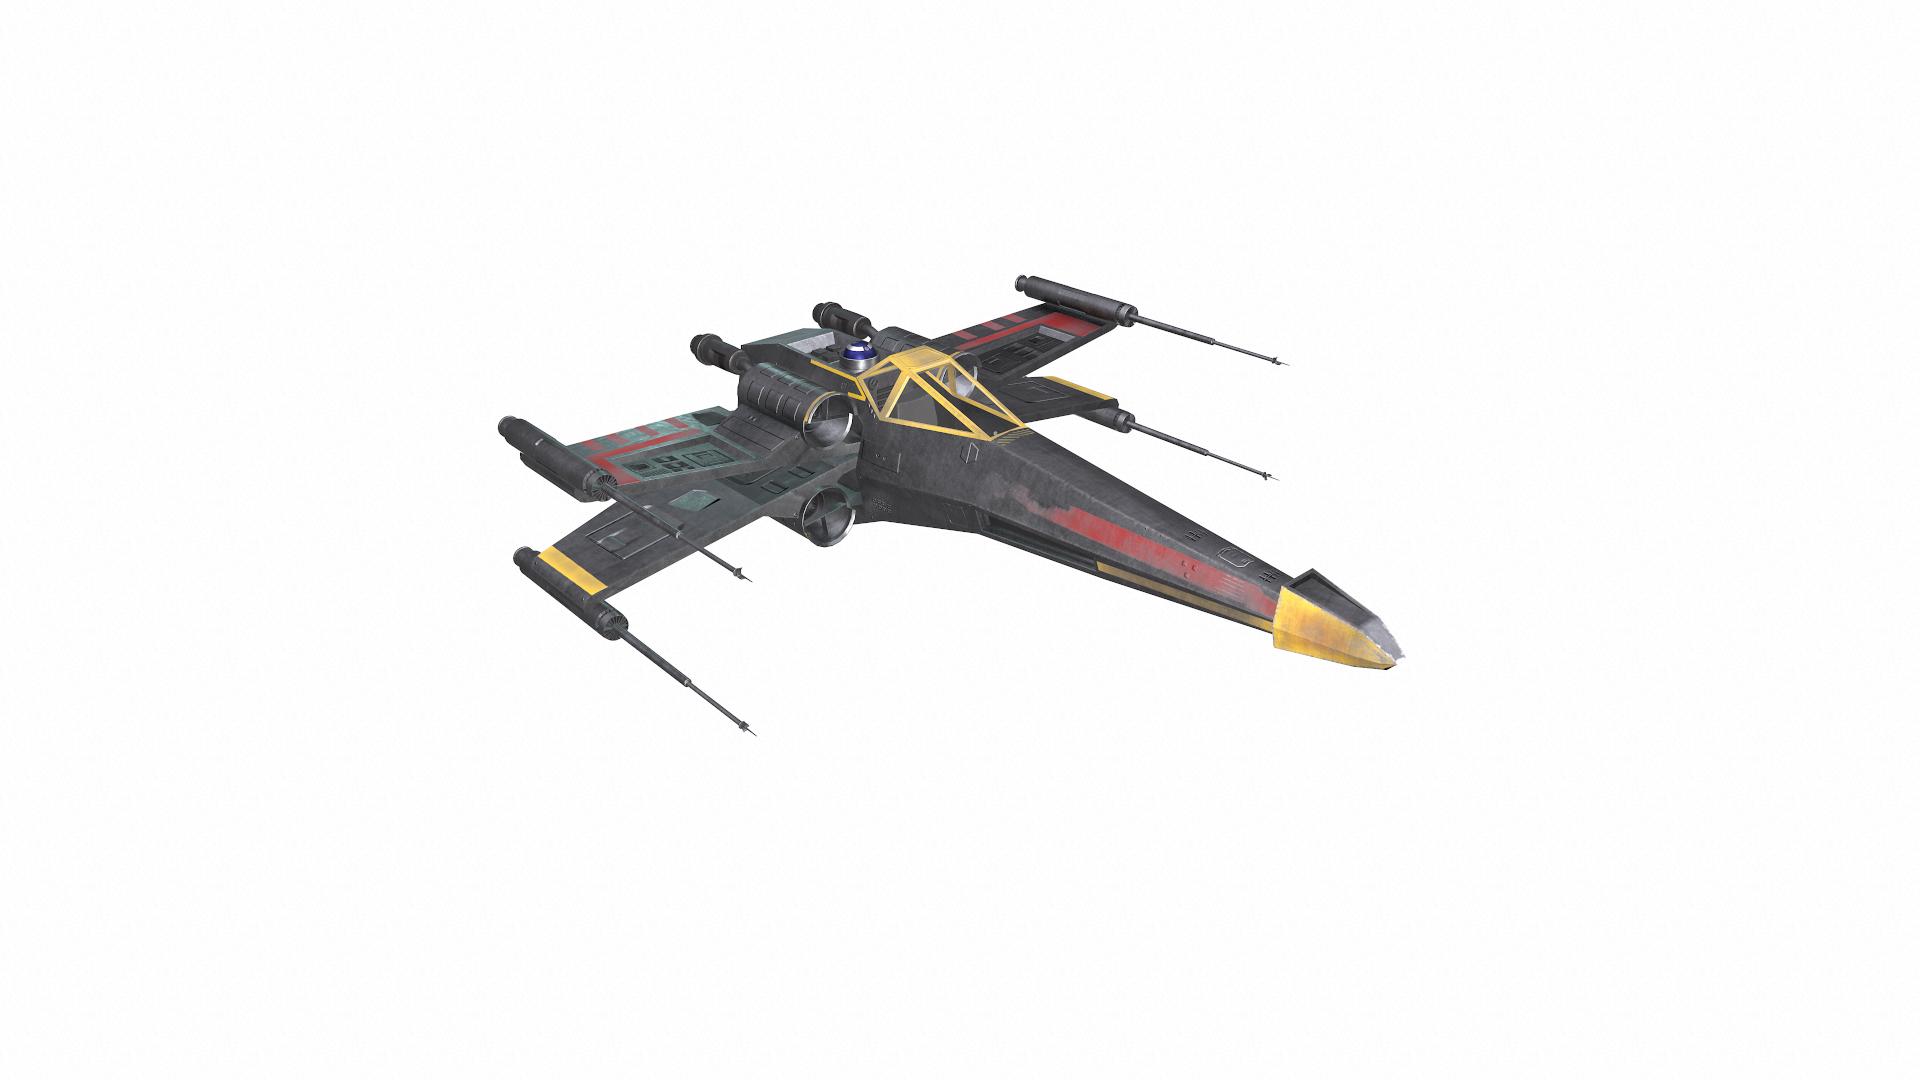 3D x-wing star wars